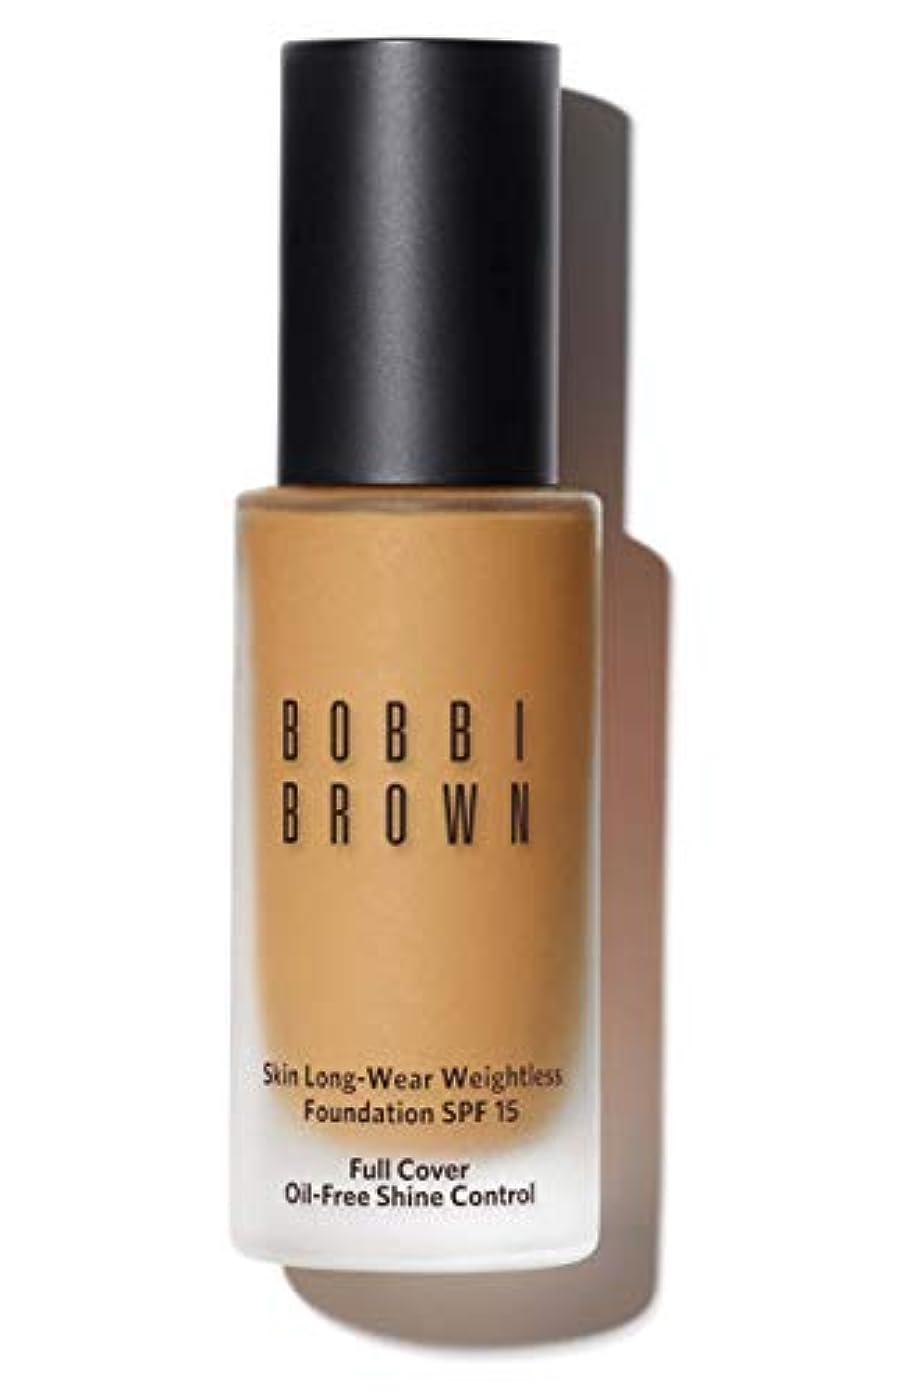 ボビイ ブラウン Skin Long Wear Weightless Foundation SPF 15 - # Natural Tan 30ml/1oz並行輸入品